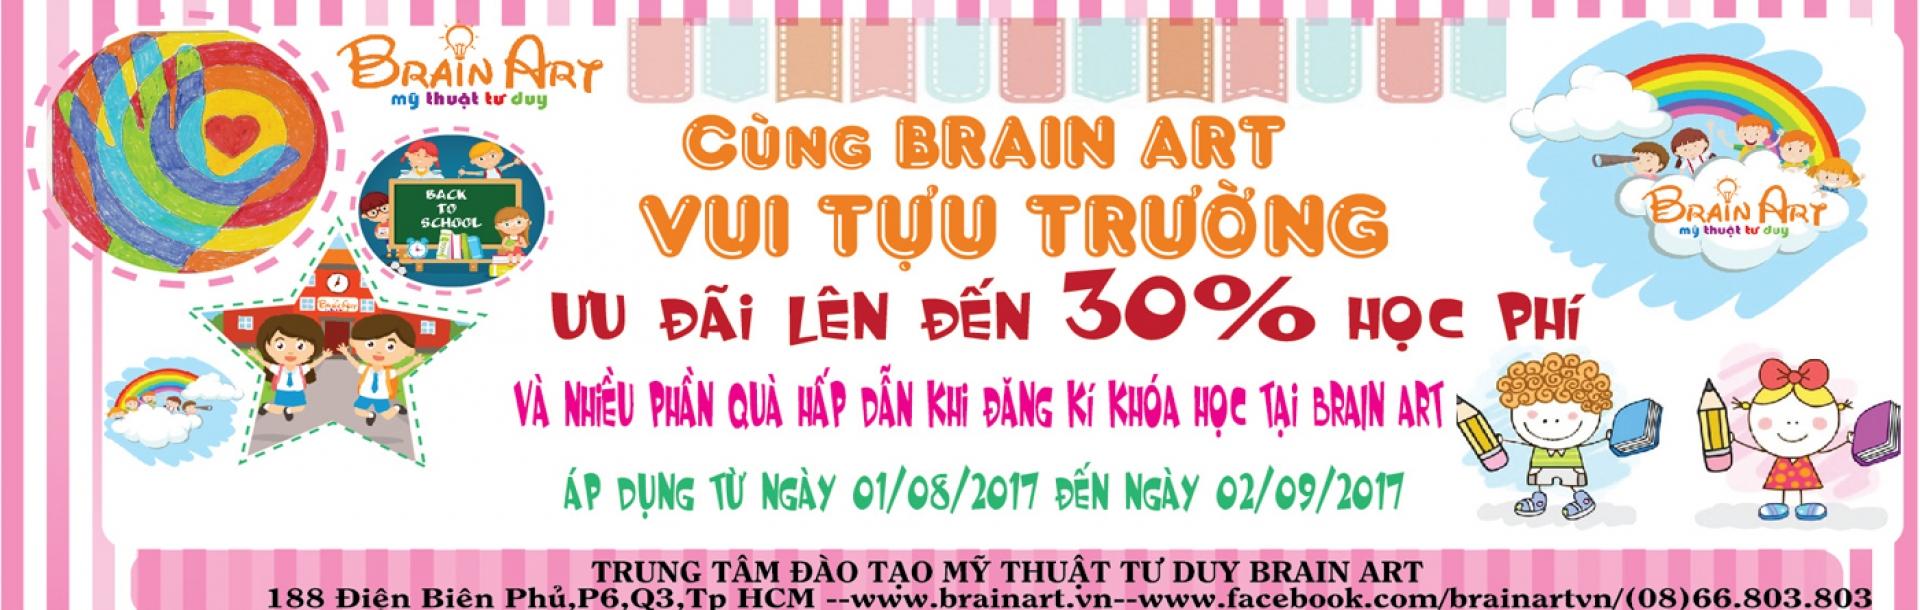 Cùng Brain Art Vui Tựu Trường